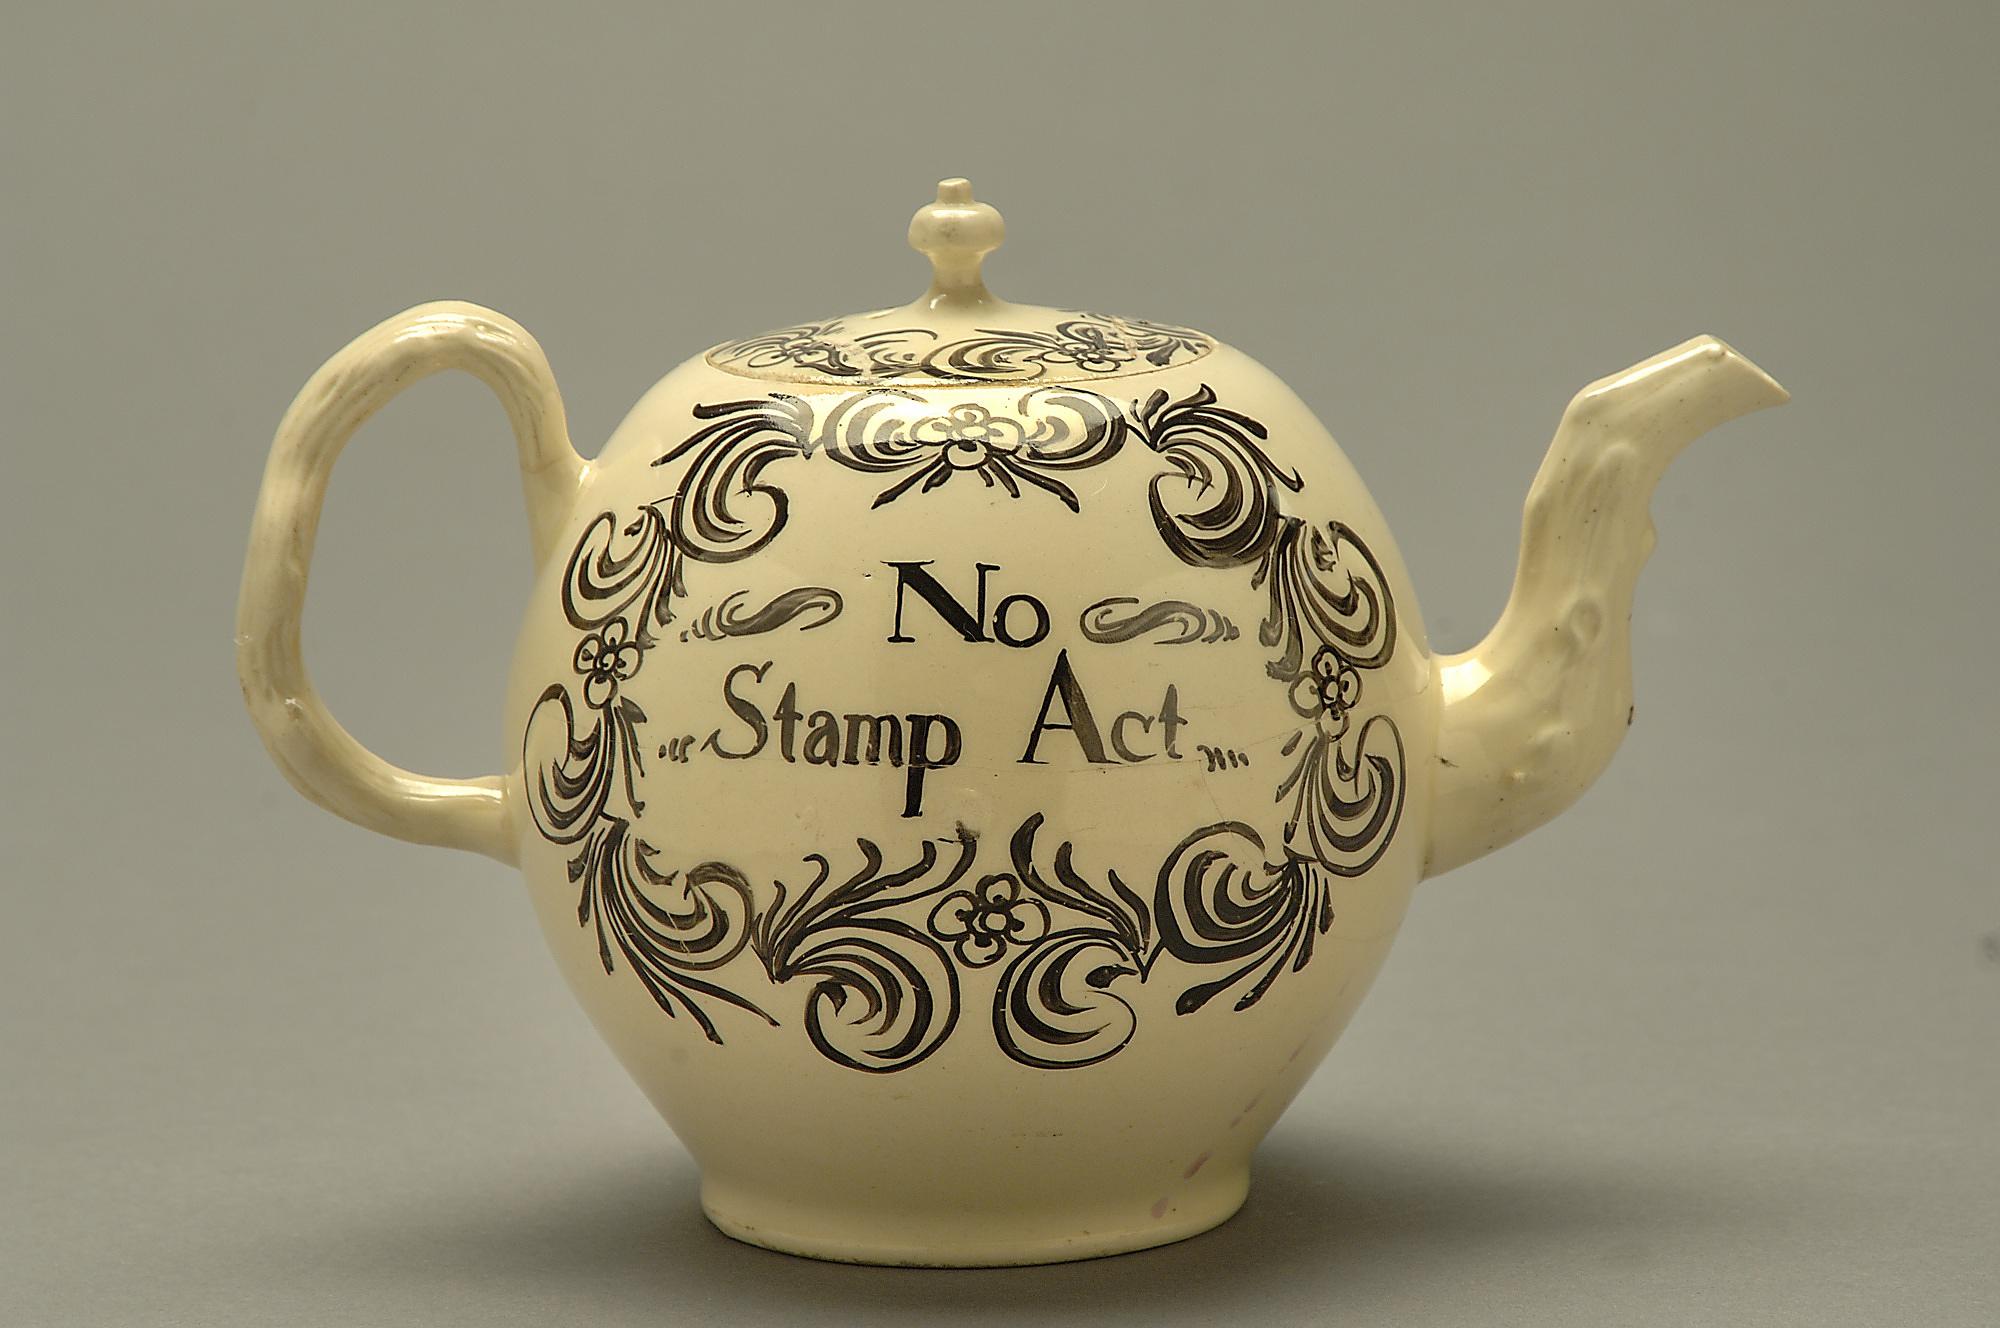 m2-StampAct-Teapot.jpg